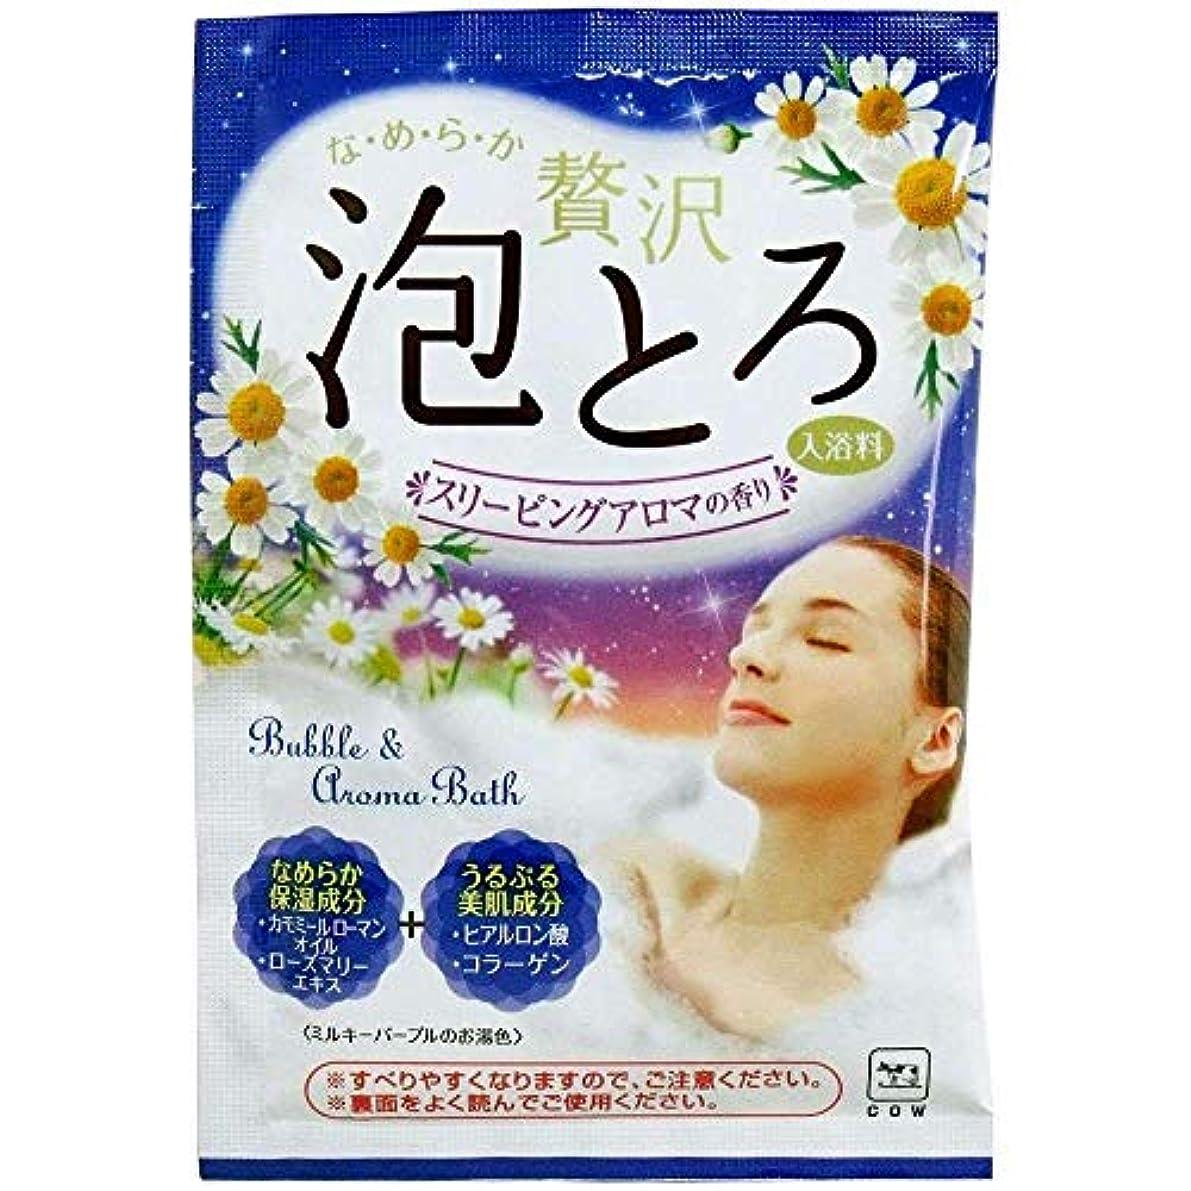 タブレット名門原点牛乳石鹸共進社 お湯物語 贅沢泡とろ 入浴料 スリーピングアロマの香り 30g (12個)